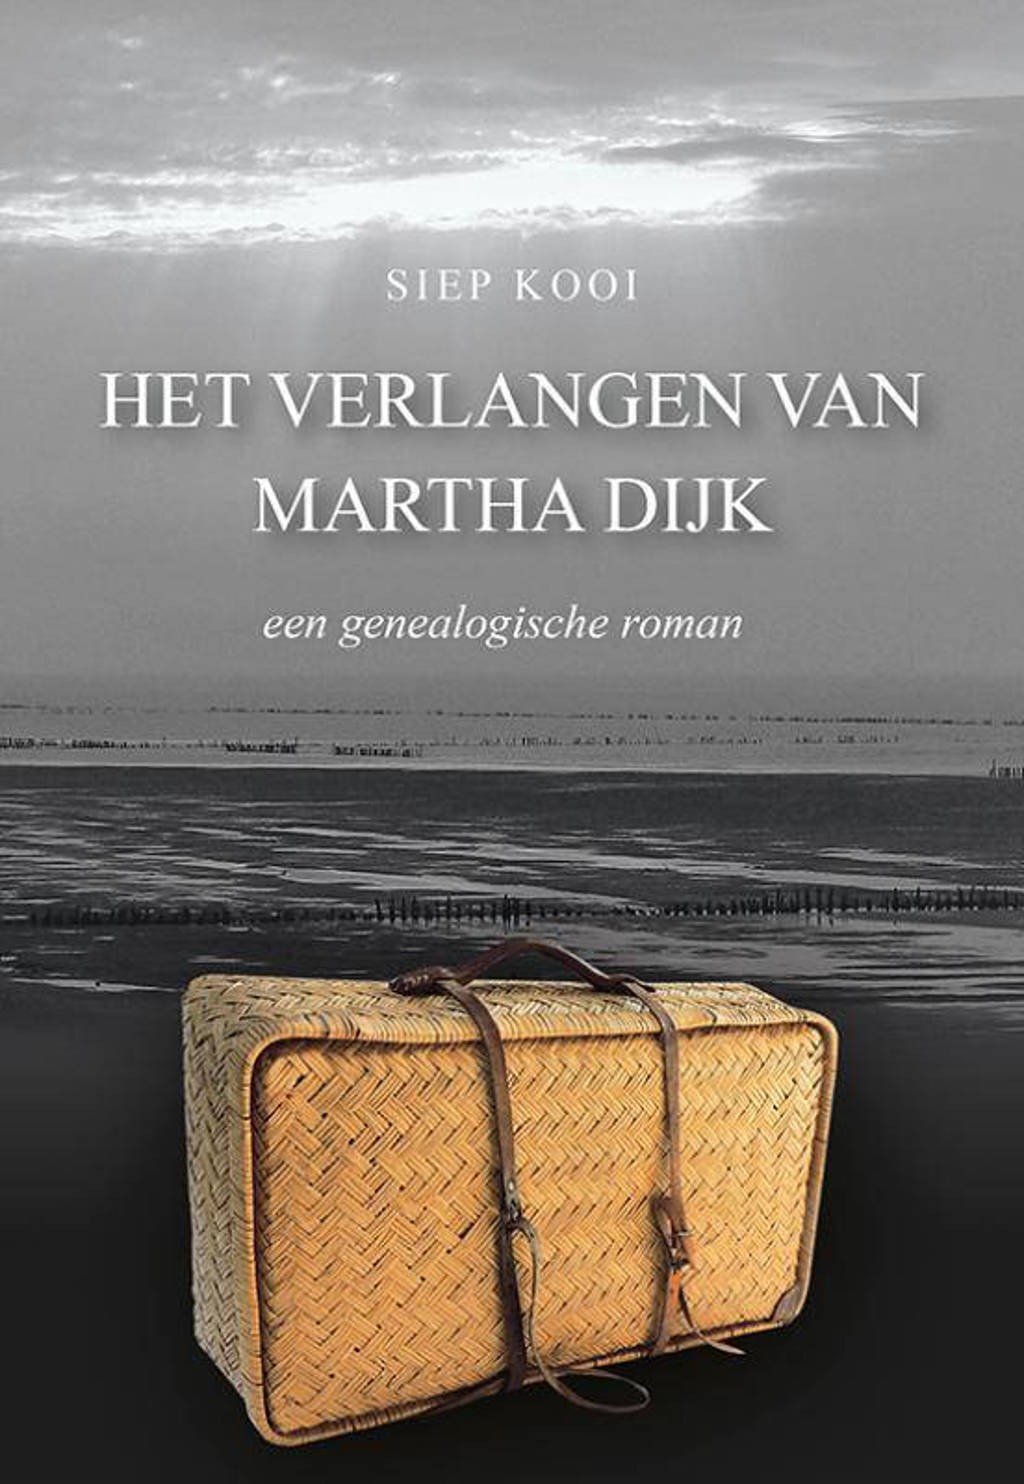 Het verlangen van Martha Dijk - Siep Kooi